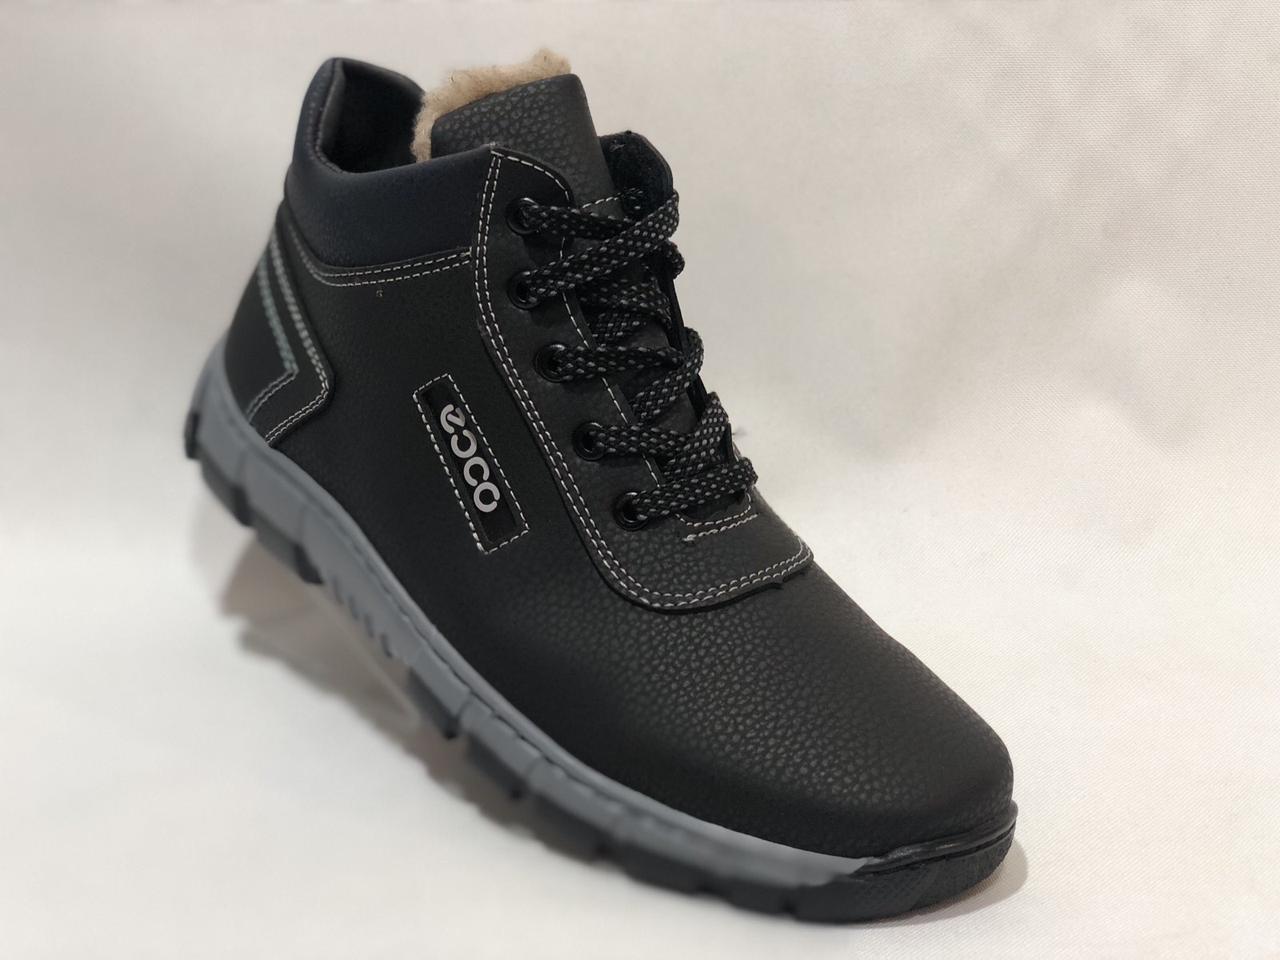 40,р. Чоловічі зимові черевики прошиті на хутрі. Спортивні з екка шкіри Остання пара